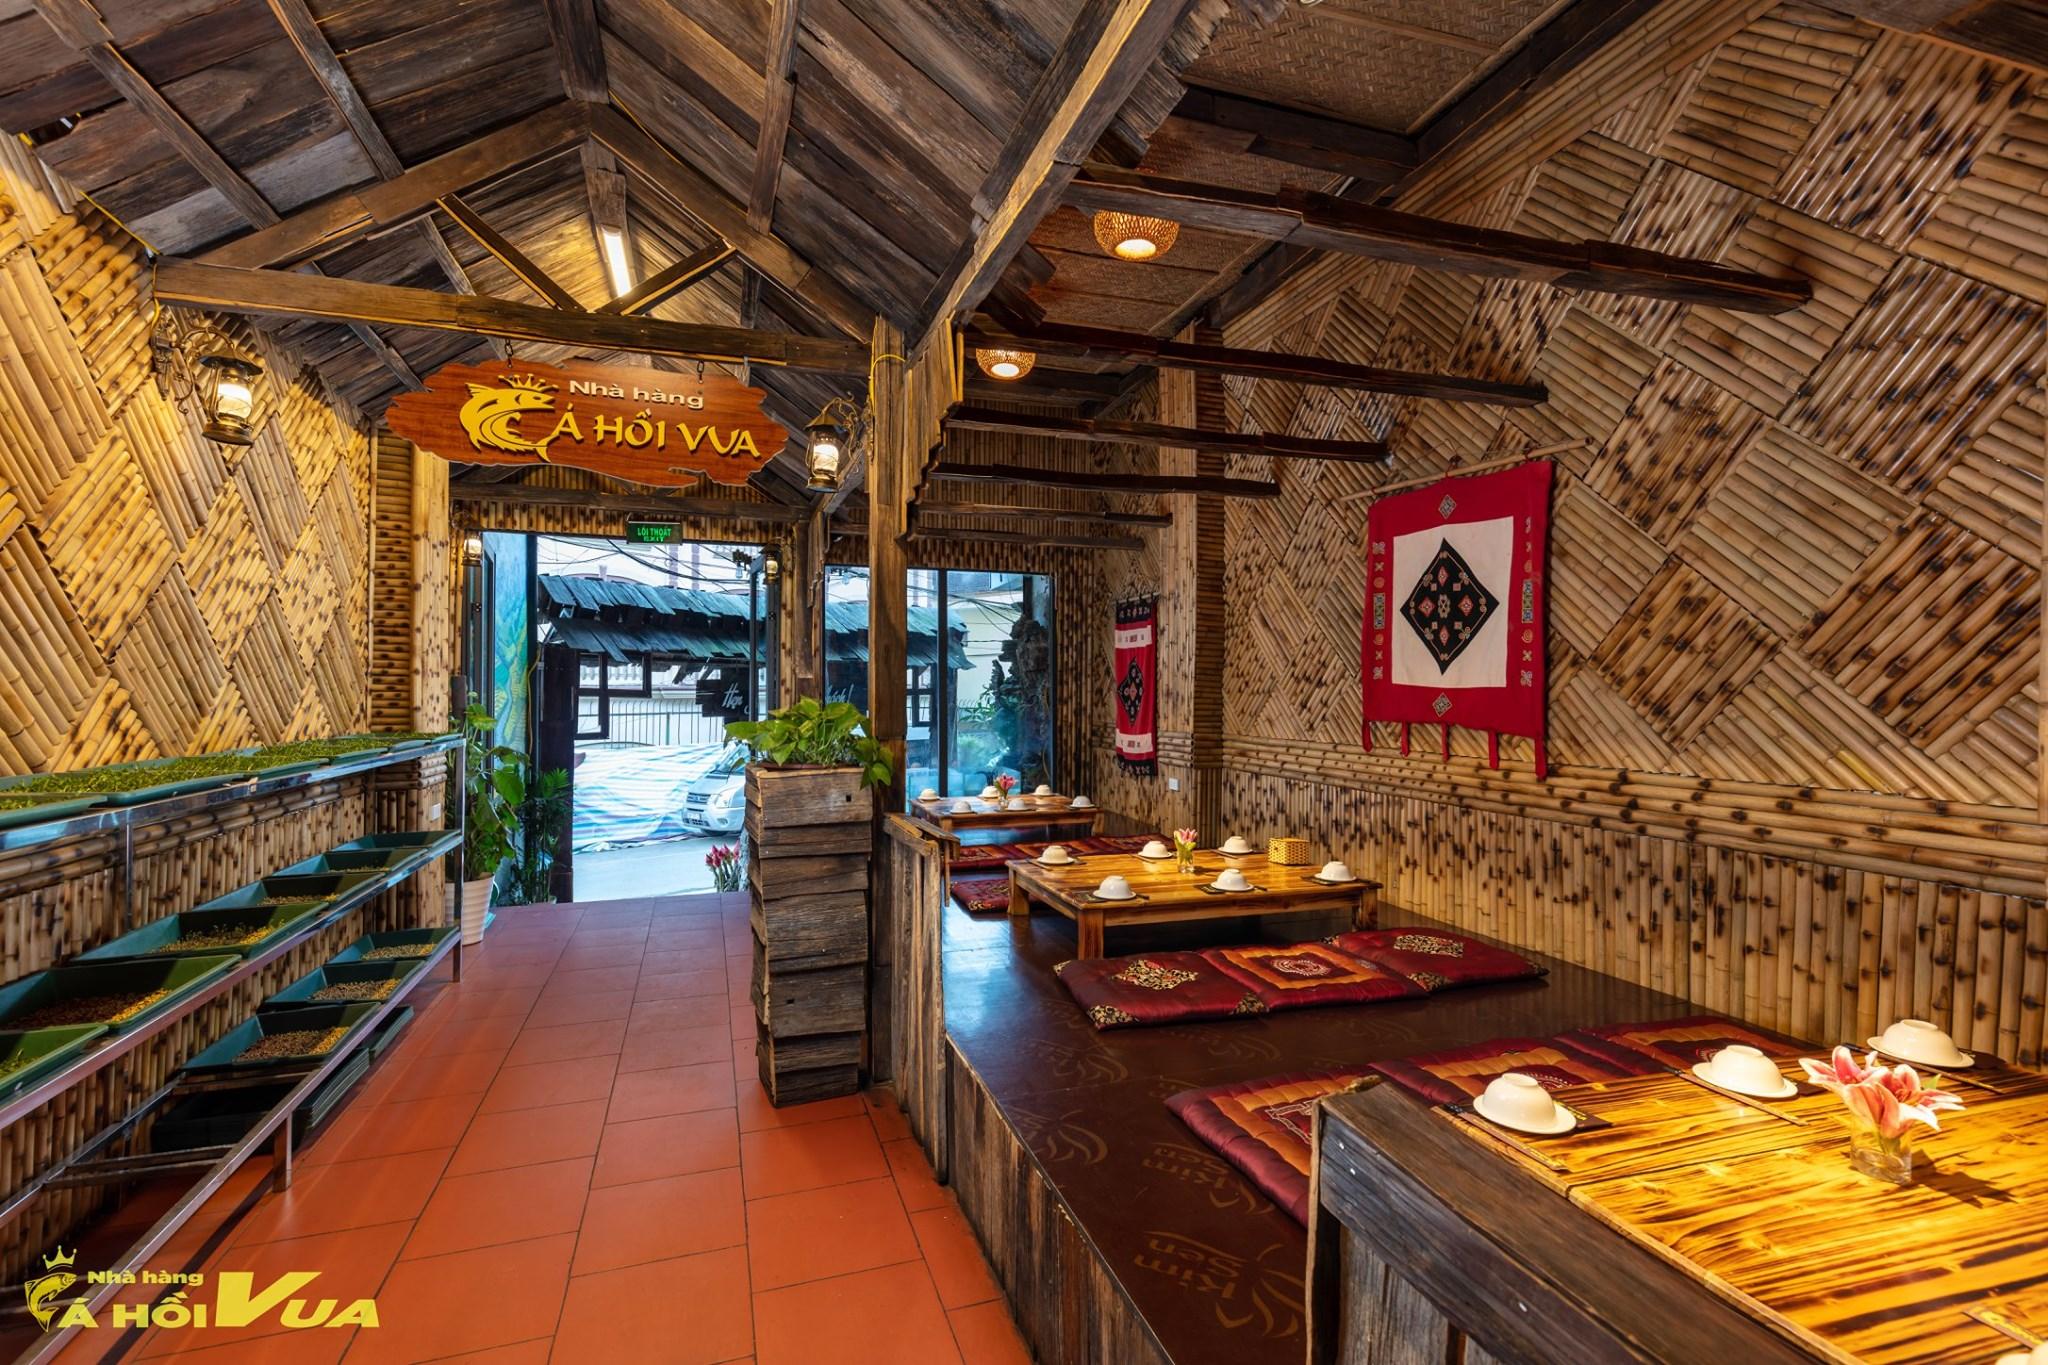 Khám phá những nhà hàng ở Sapa được hội sành ăn 'review' nhiều nhất  - Ảnh 13.